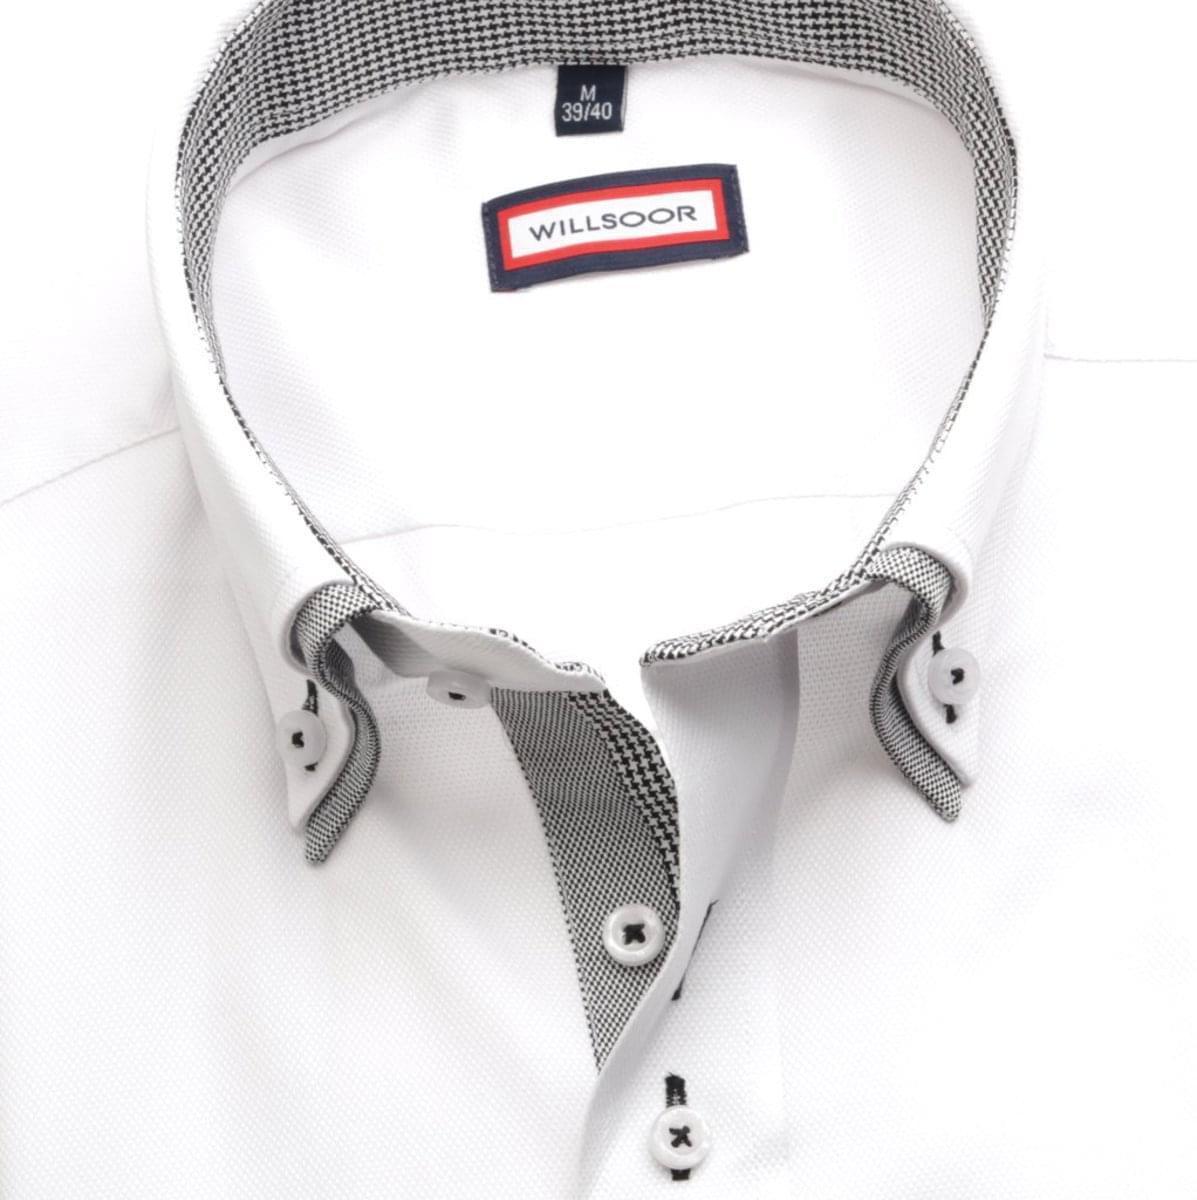 Pánská košile Classic v bílé barvě (výška 176-182) 5491 176-182 / L (41/42)